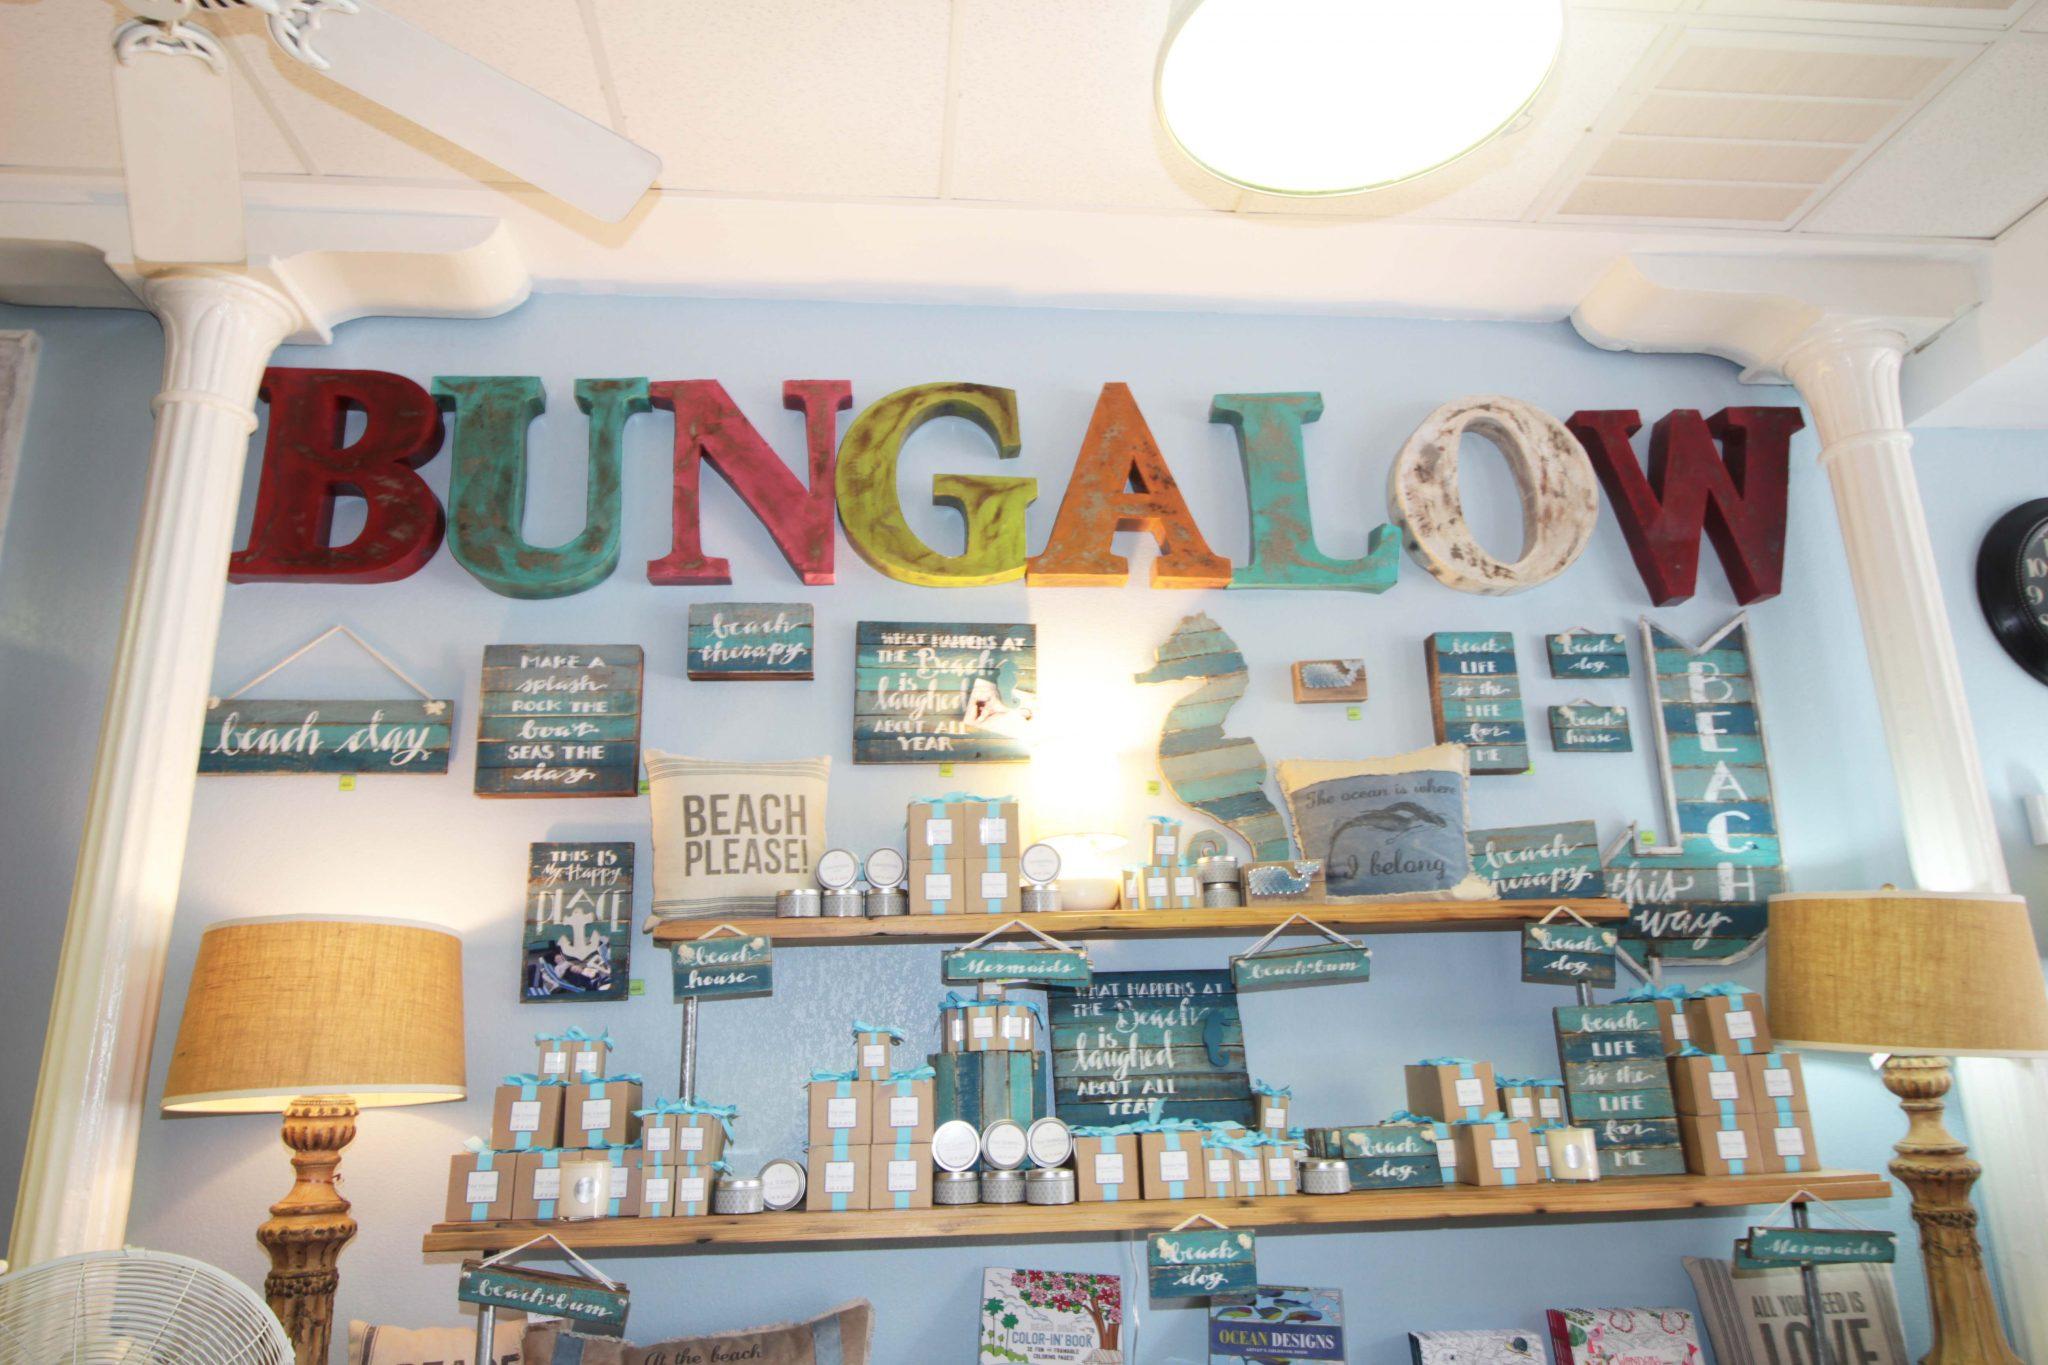 Bungalow-4-8-16_web